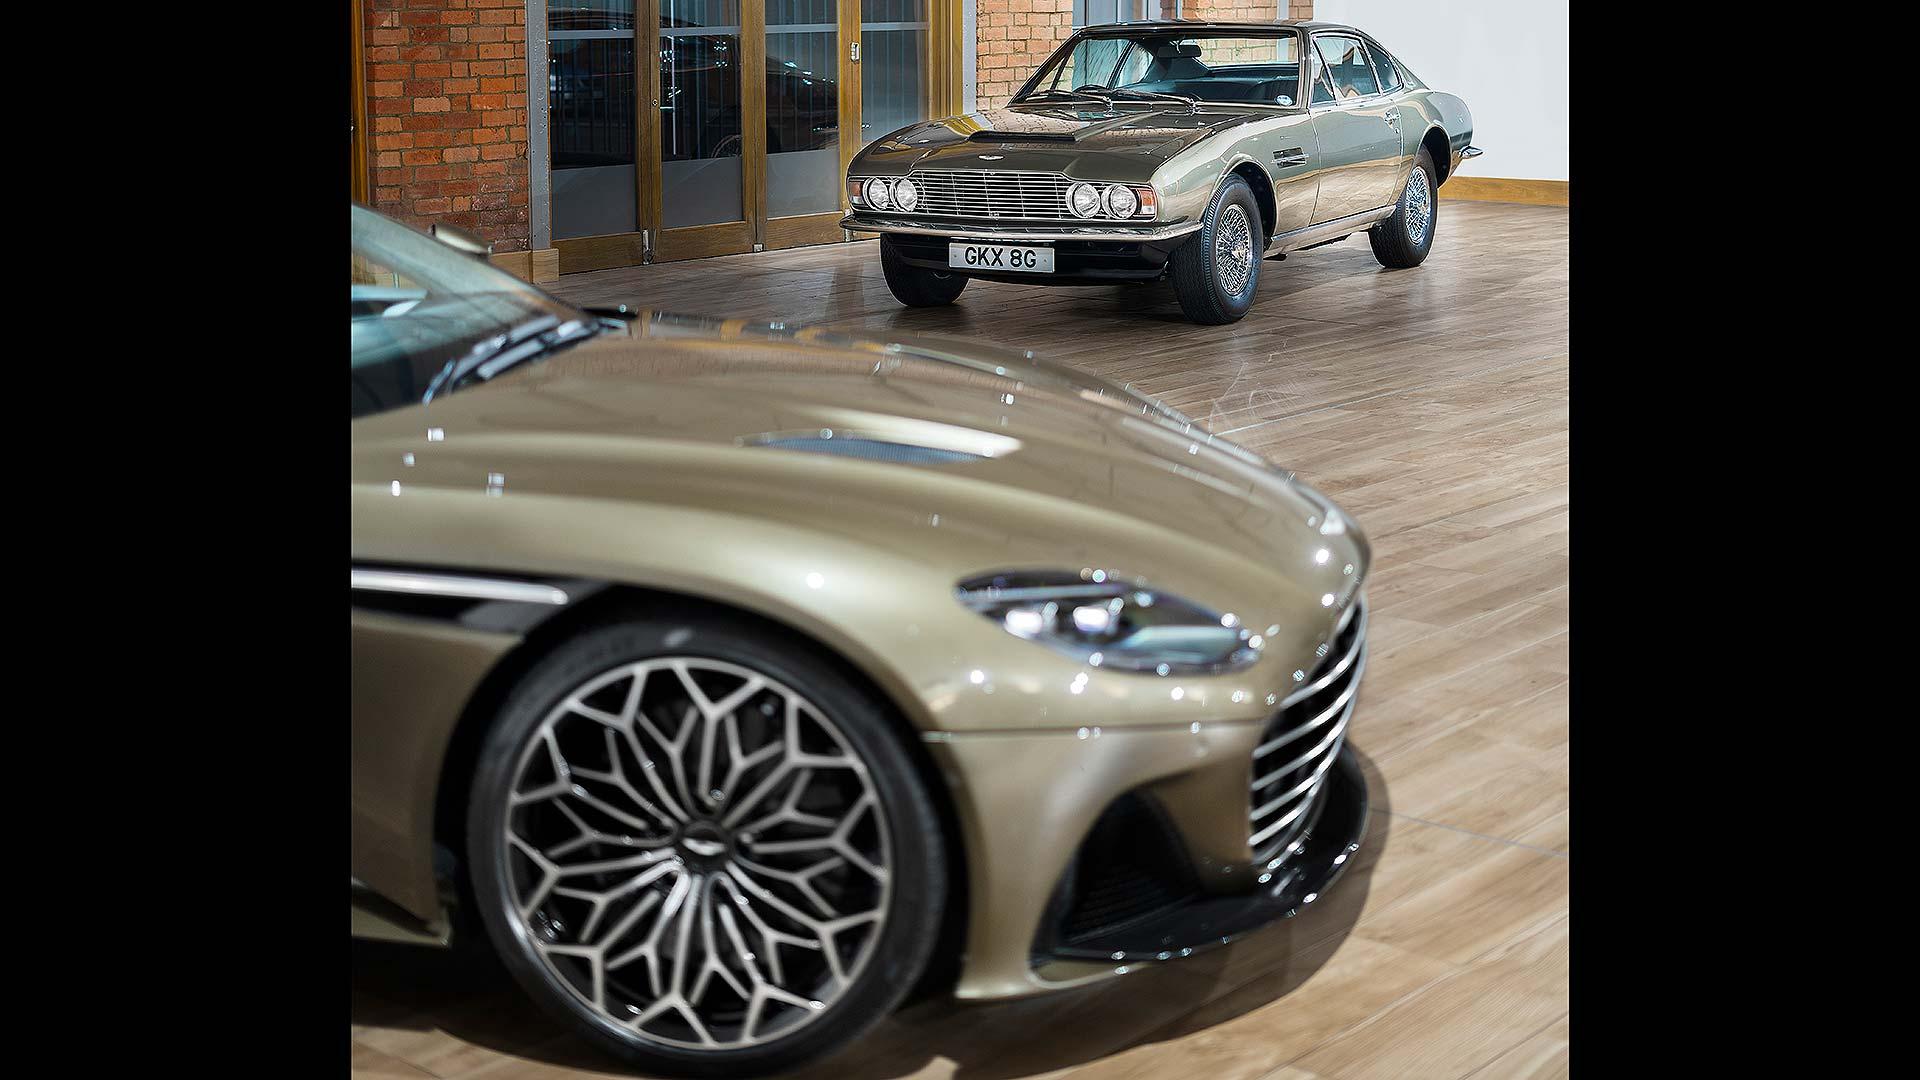 Aston Martin OHMSS DBS Superleggera